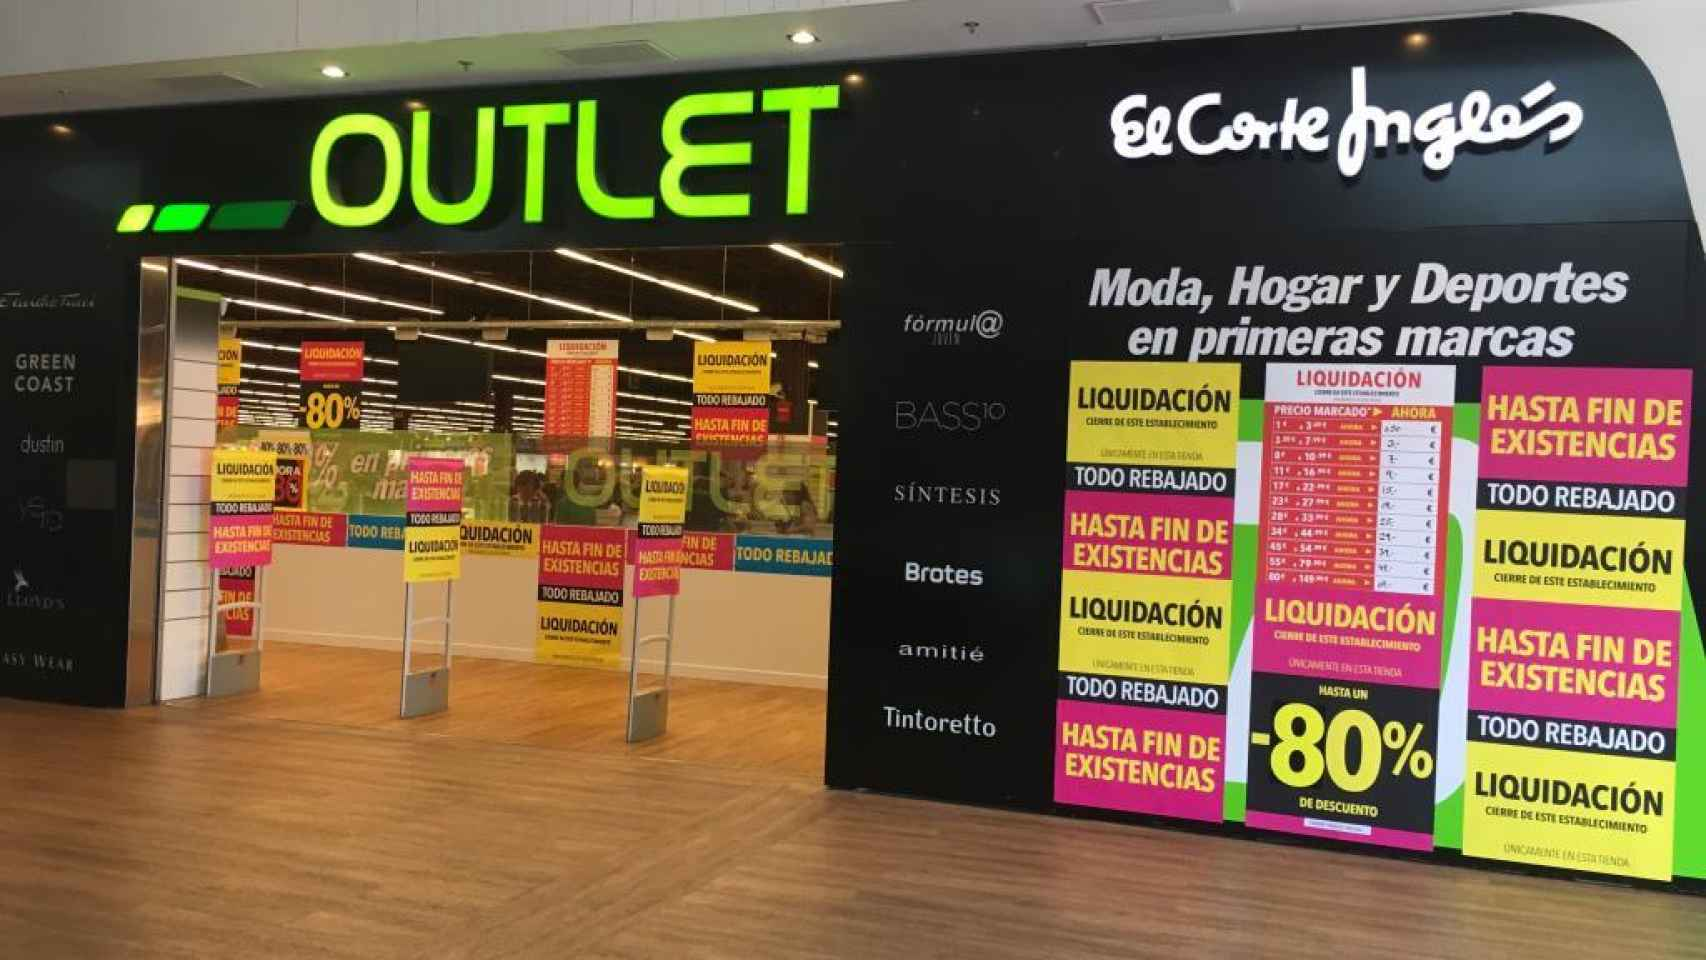 El outlet de El Corte Inglés en Getafe.